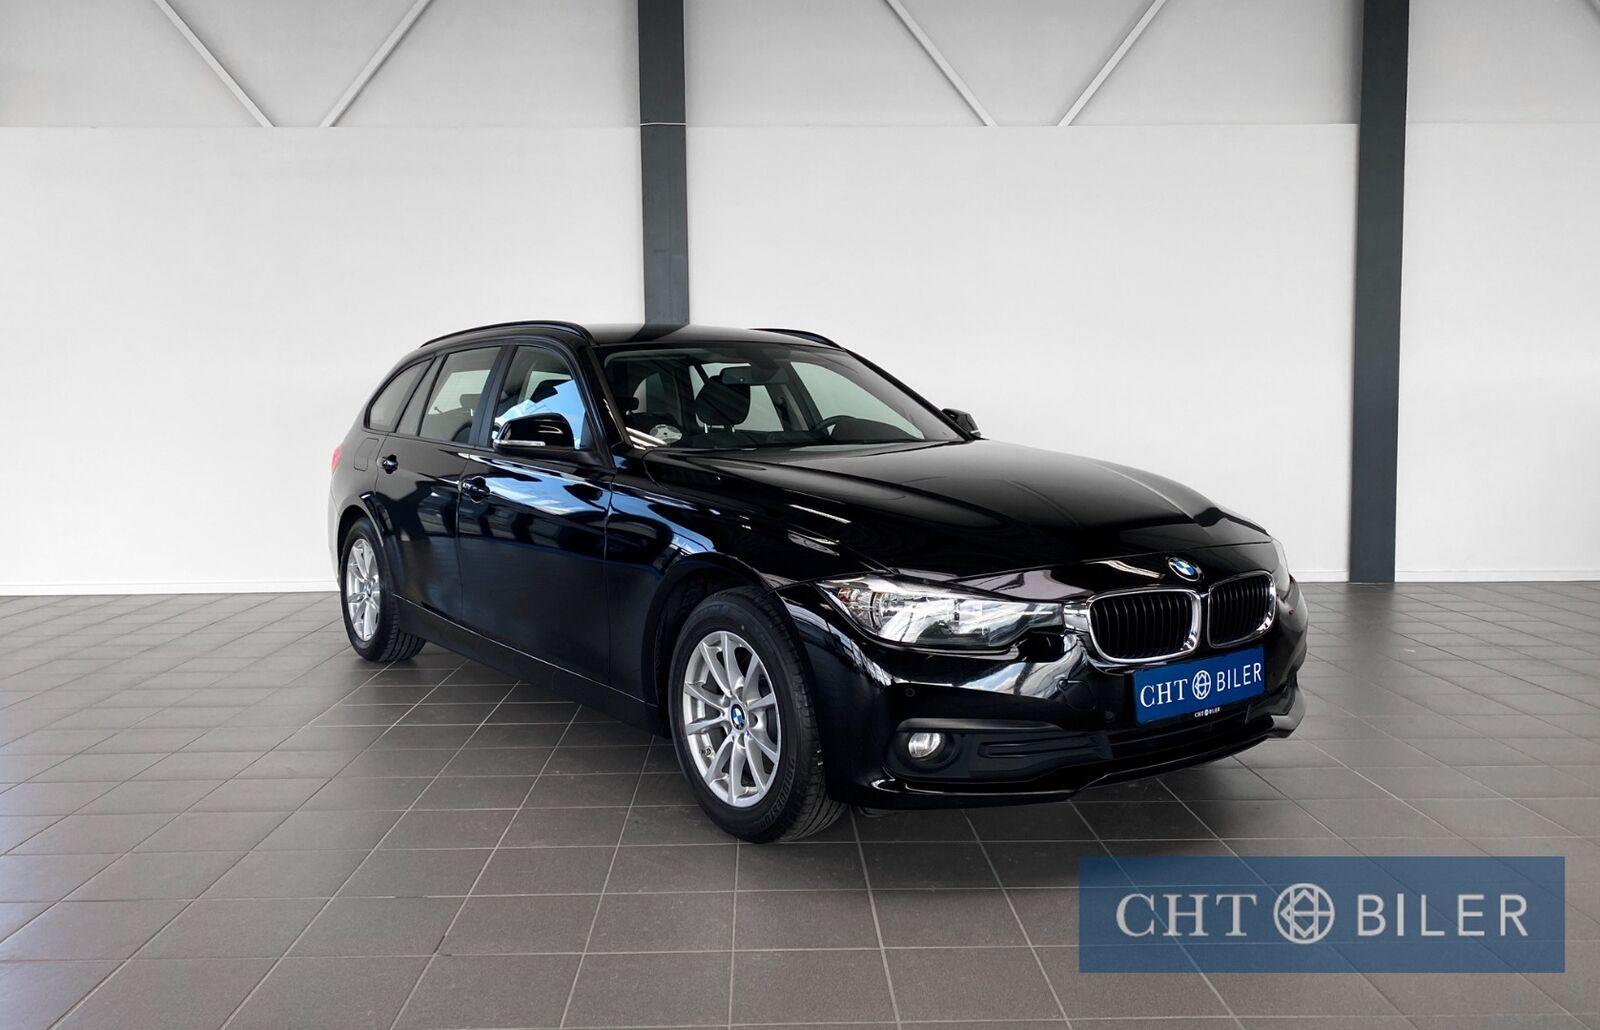 BMW 320d 2,0 Touring aut. 5d - 234.900 kr.